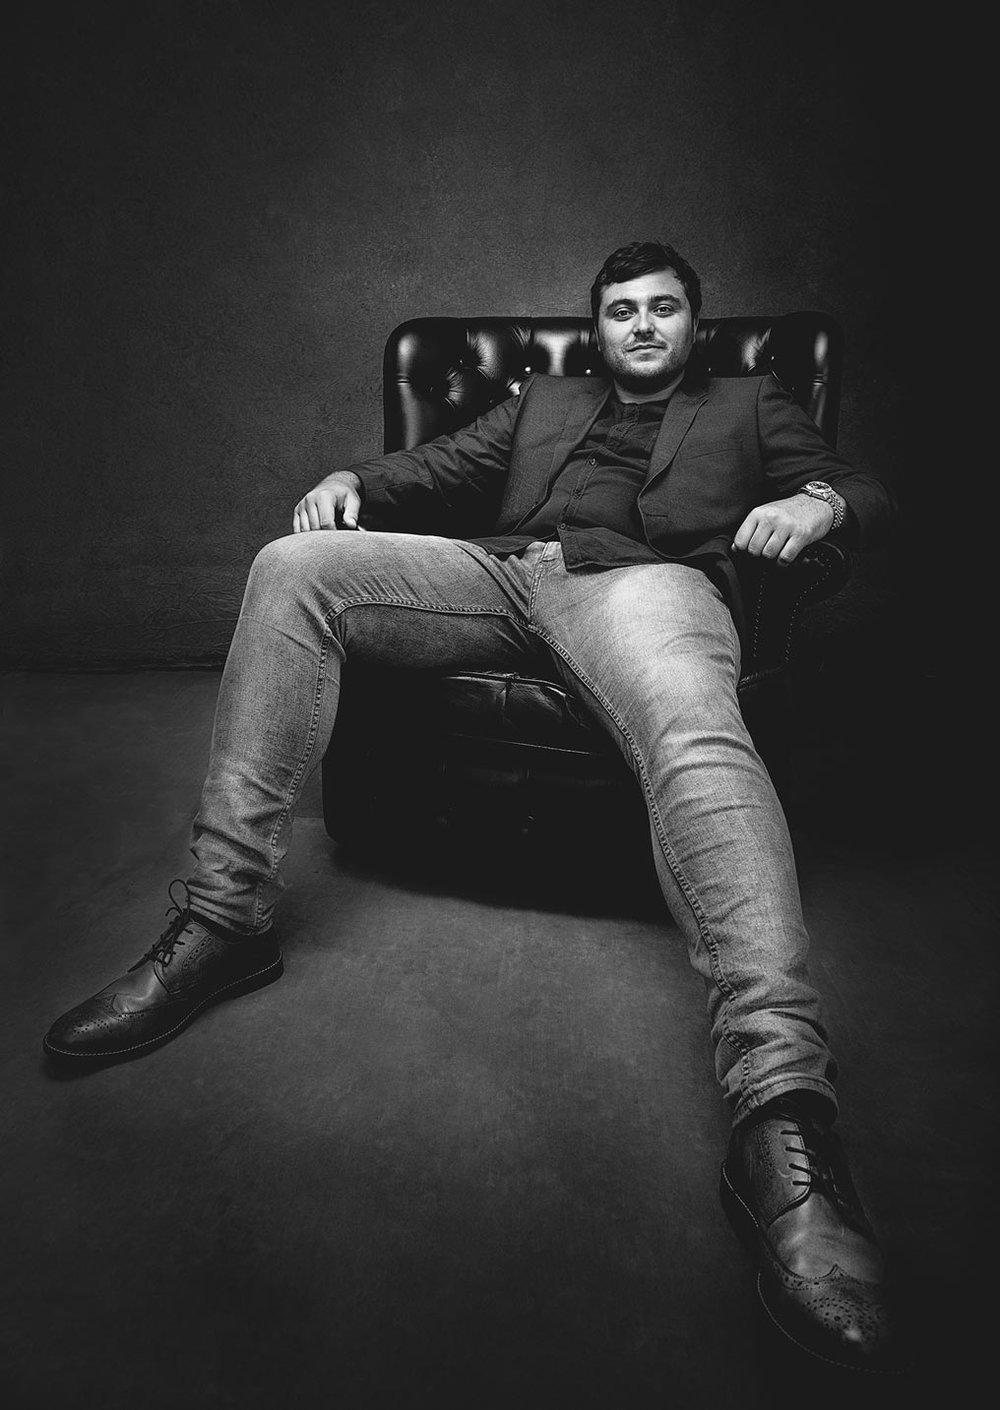 Photo by Slavomir Kondratovic